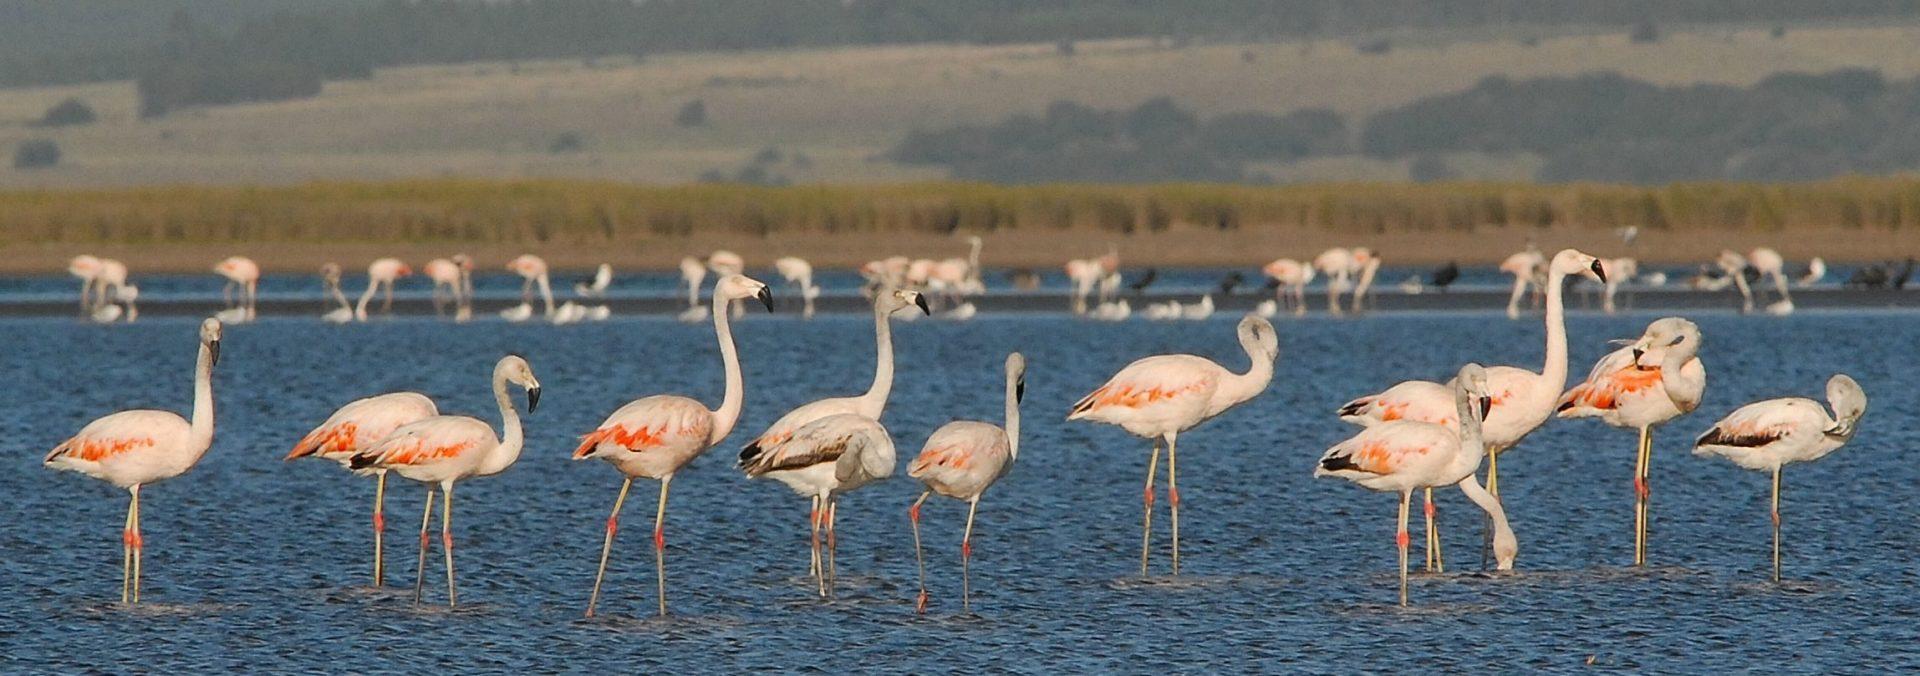 Turismo de Naturaleza: Laguna Garzón